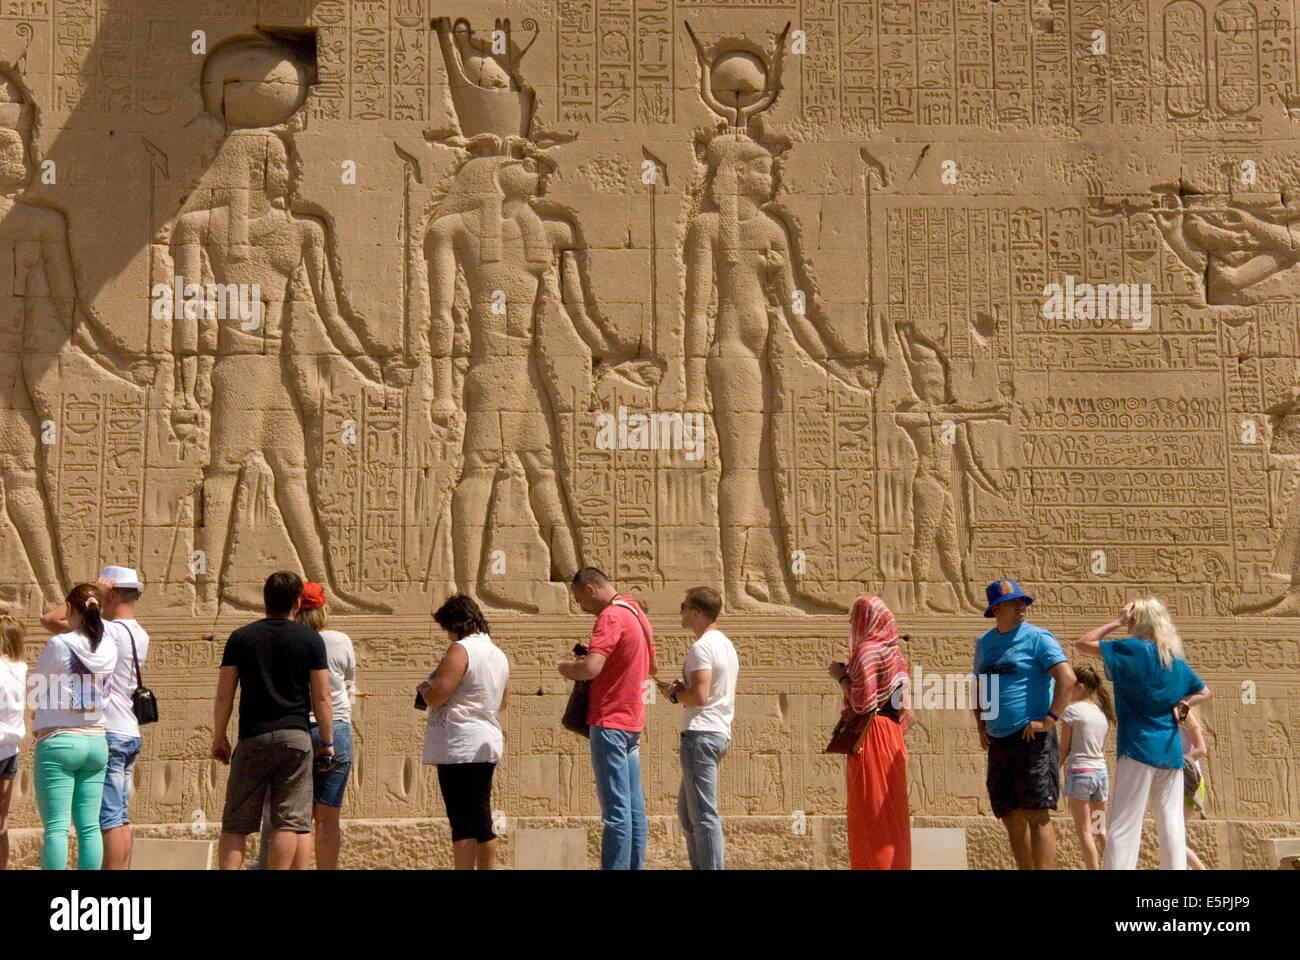 Tallados en la pared exterior del templo de Dendera Hathor, necrópolis, Qena, en el valle del Nilo, Egipto, Imagen De Stock